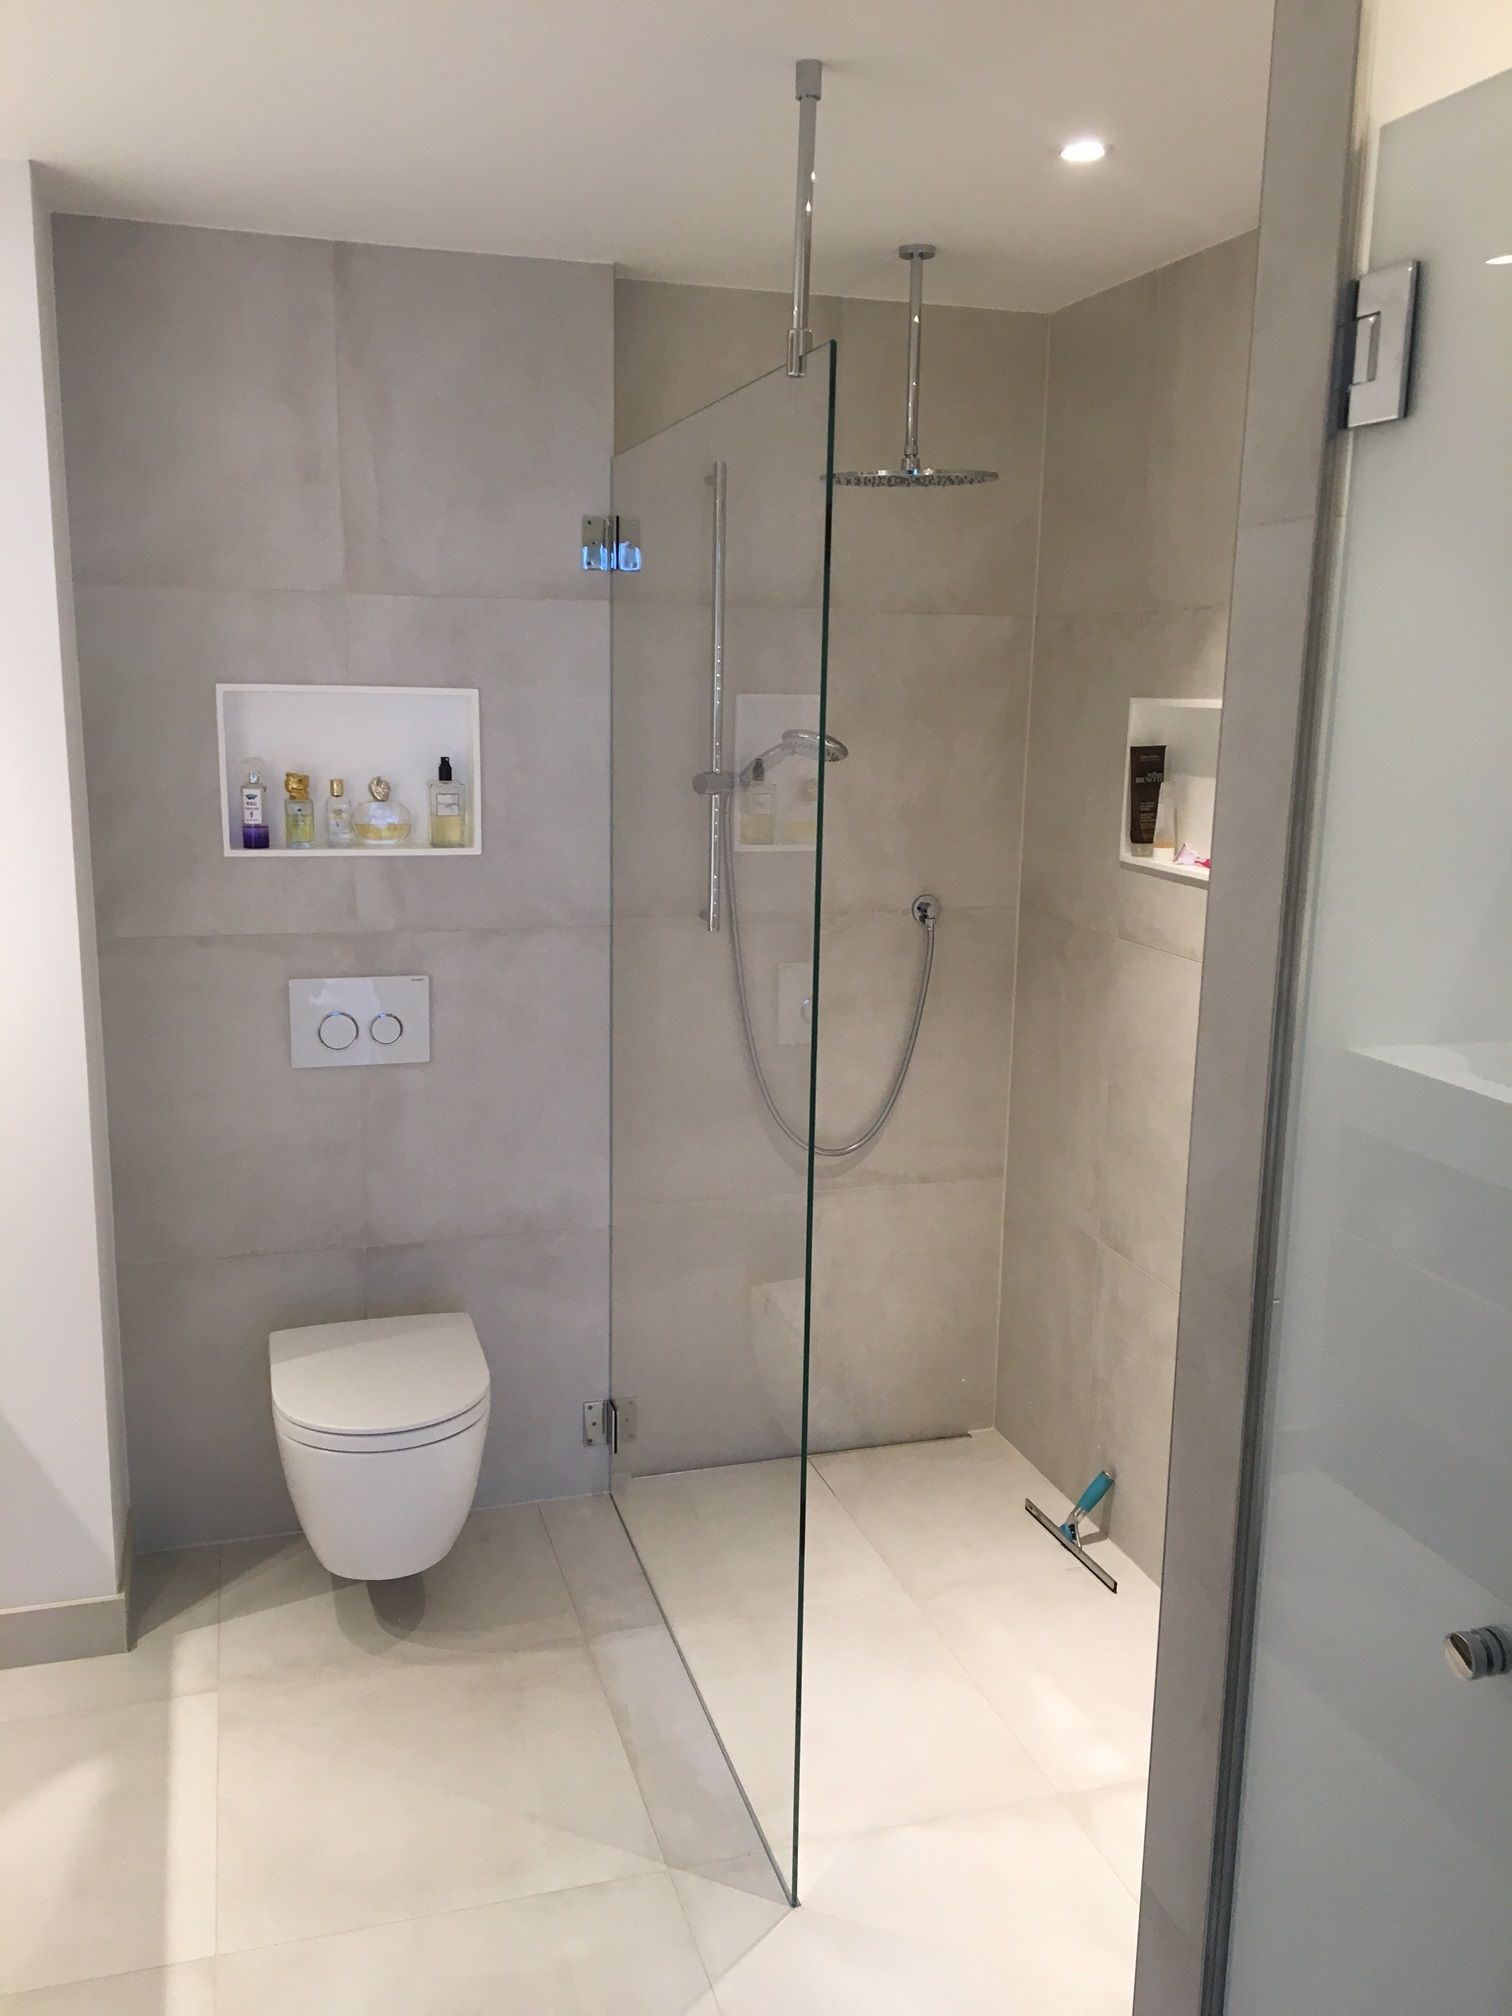 Clearlabel Inloopdouche Met Stabilisatie Naar Plafond Inloopdouche Douchewand L Balance Bathroom Badkamer Badkamerideeen Inloopdouche